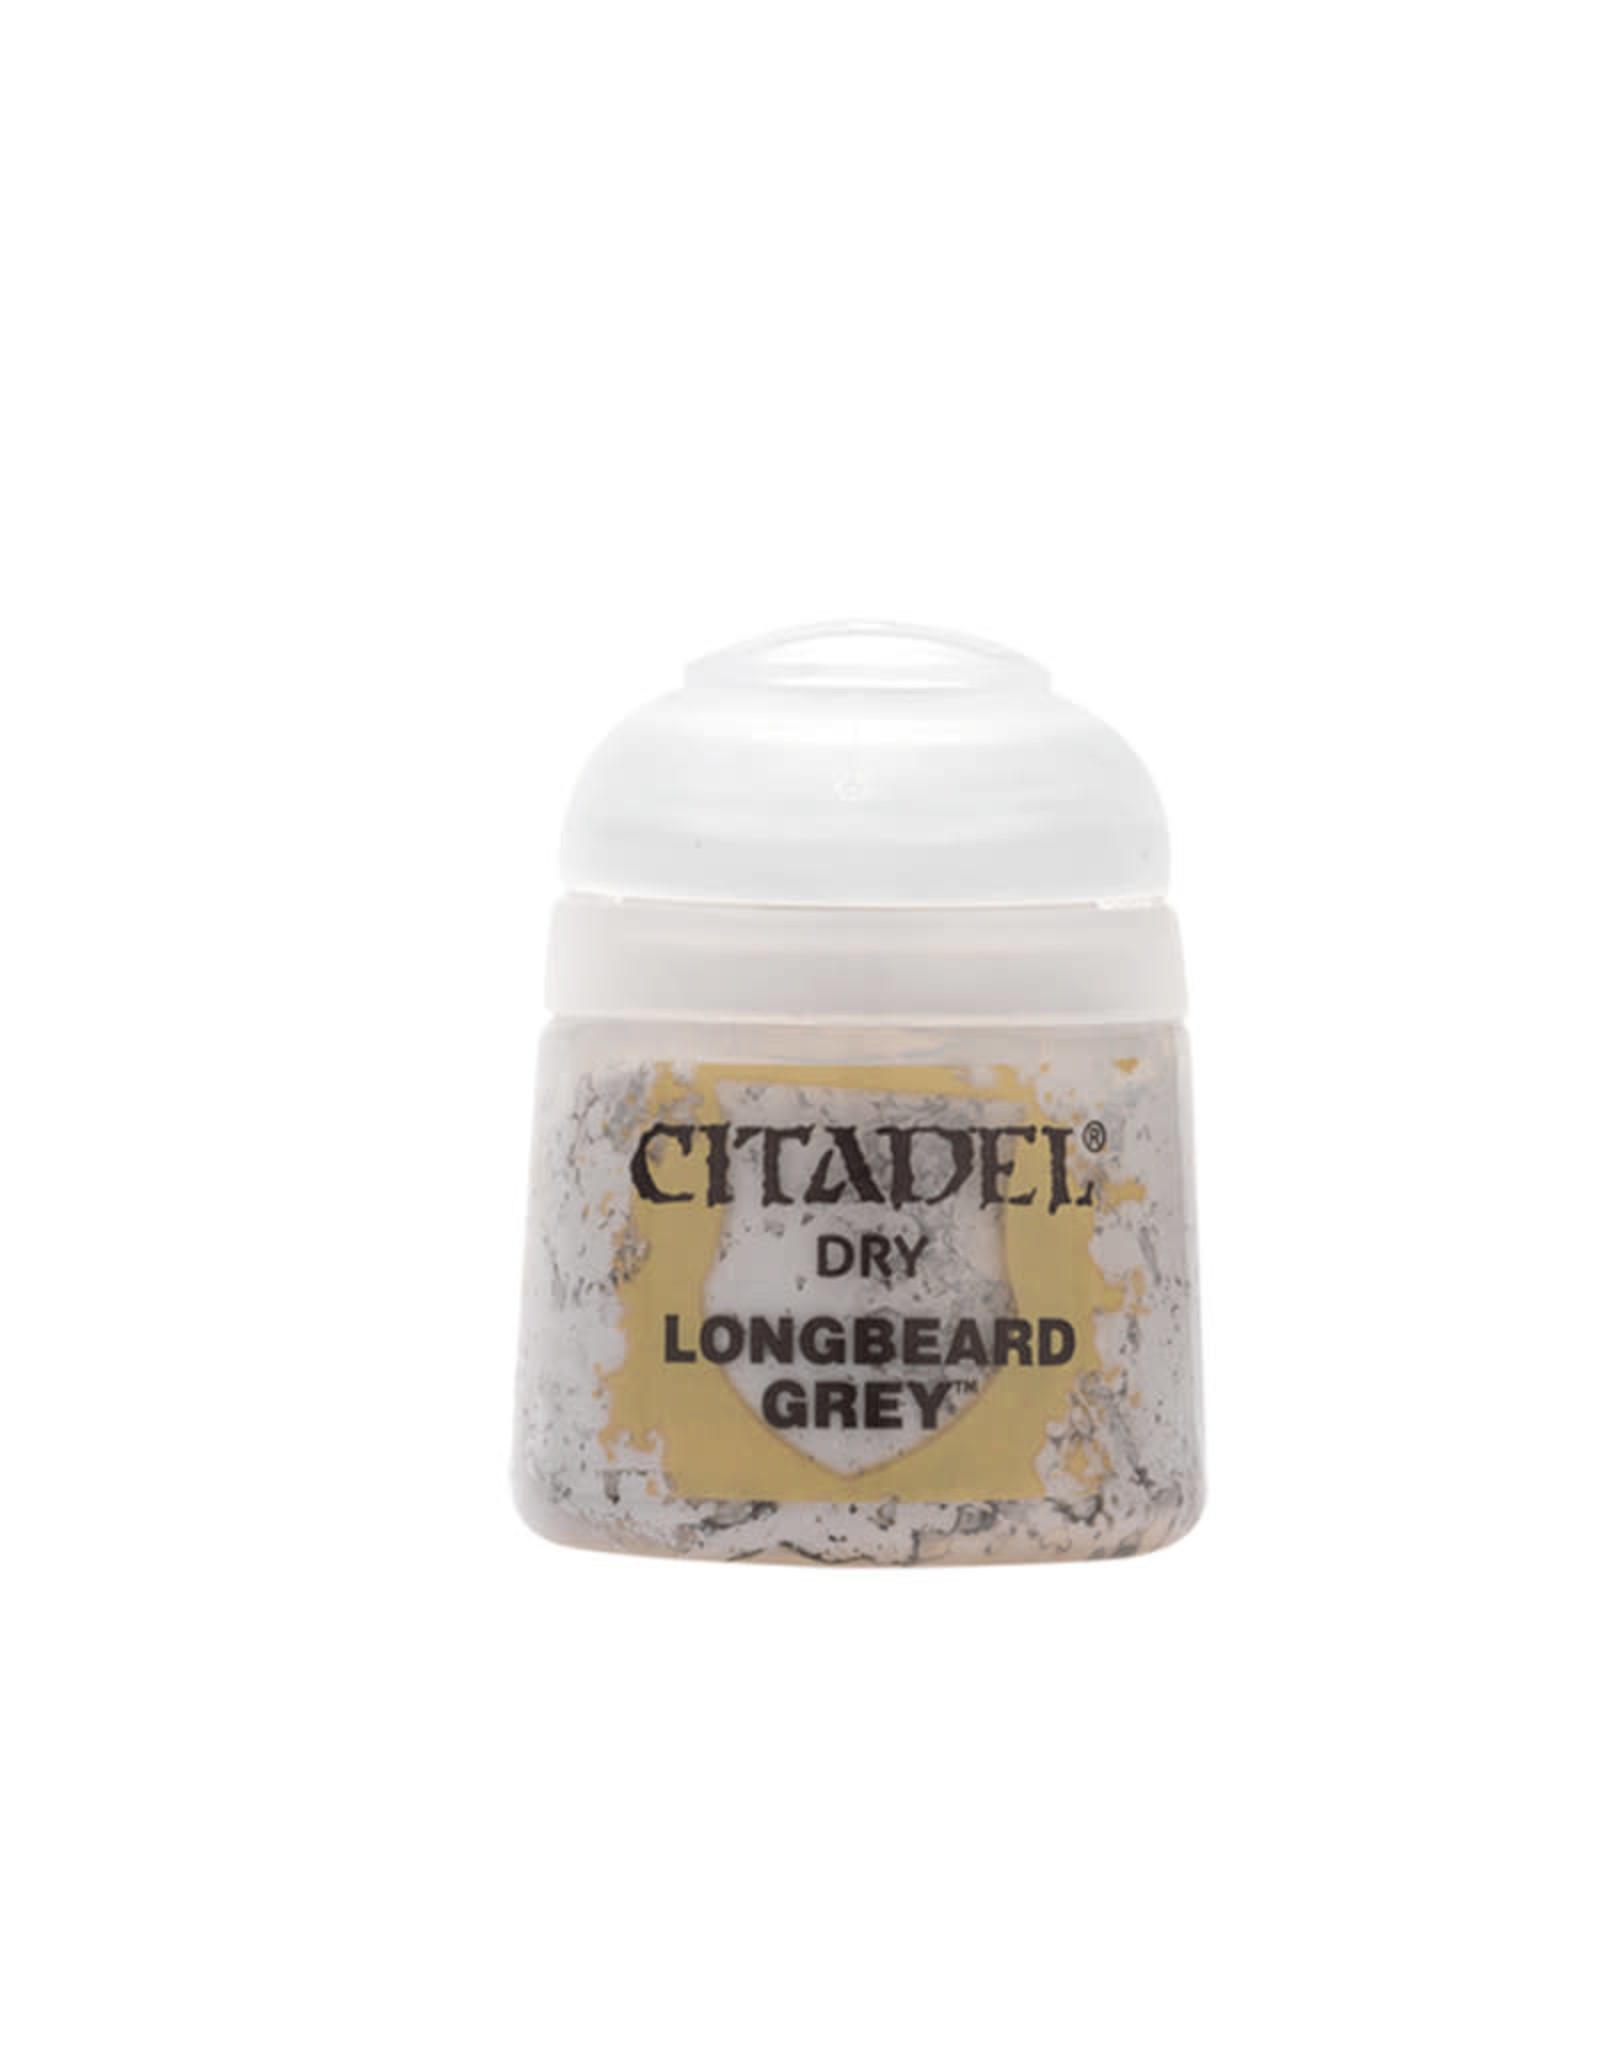 Citadel Dry Paint: Longbeard Grey